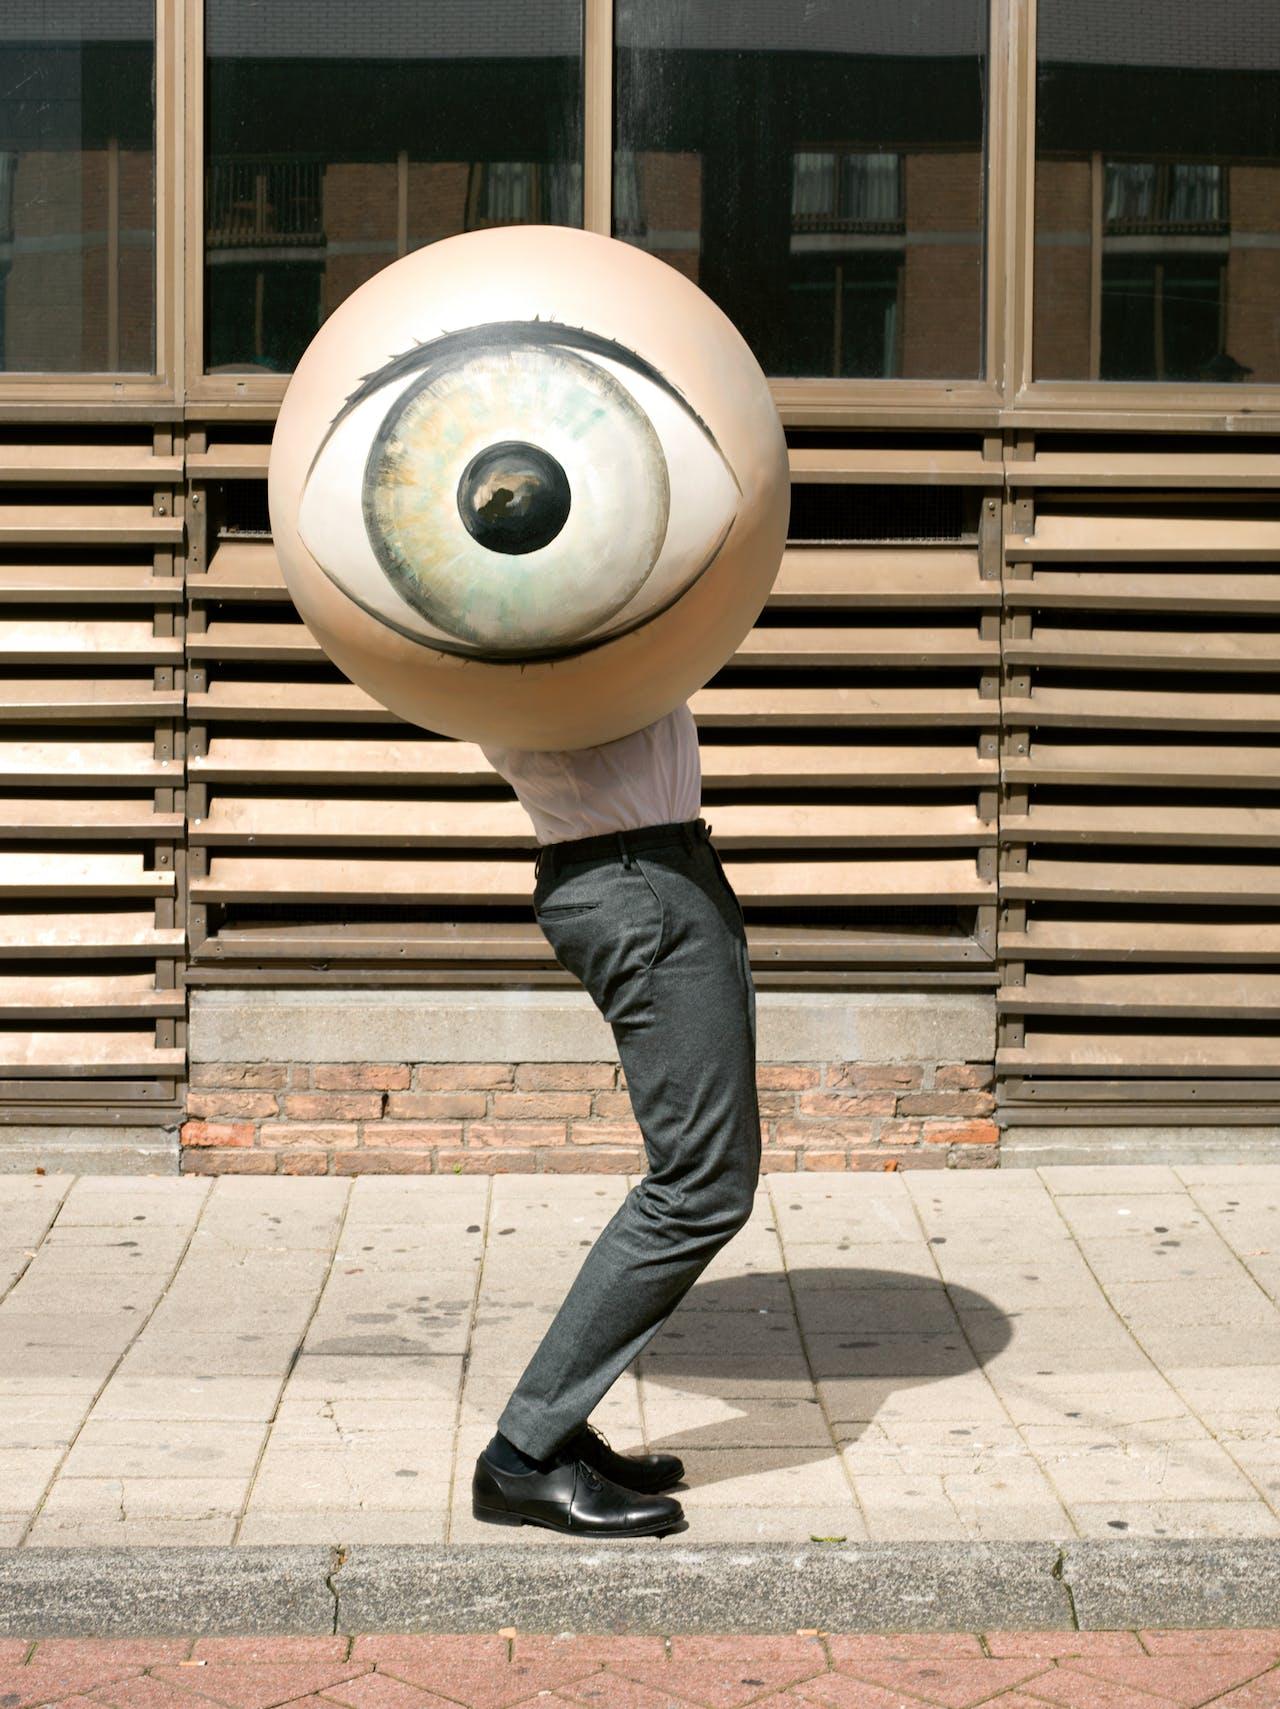 Borstlap regisseerde zelf hoe hij voor de lezers van FD Persoonlijk op de foto wilde worden gezet.